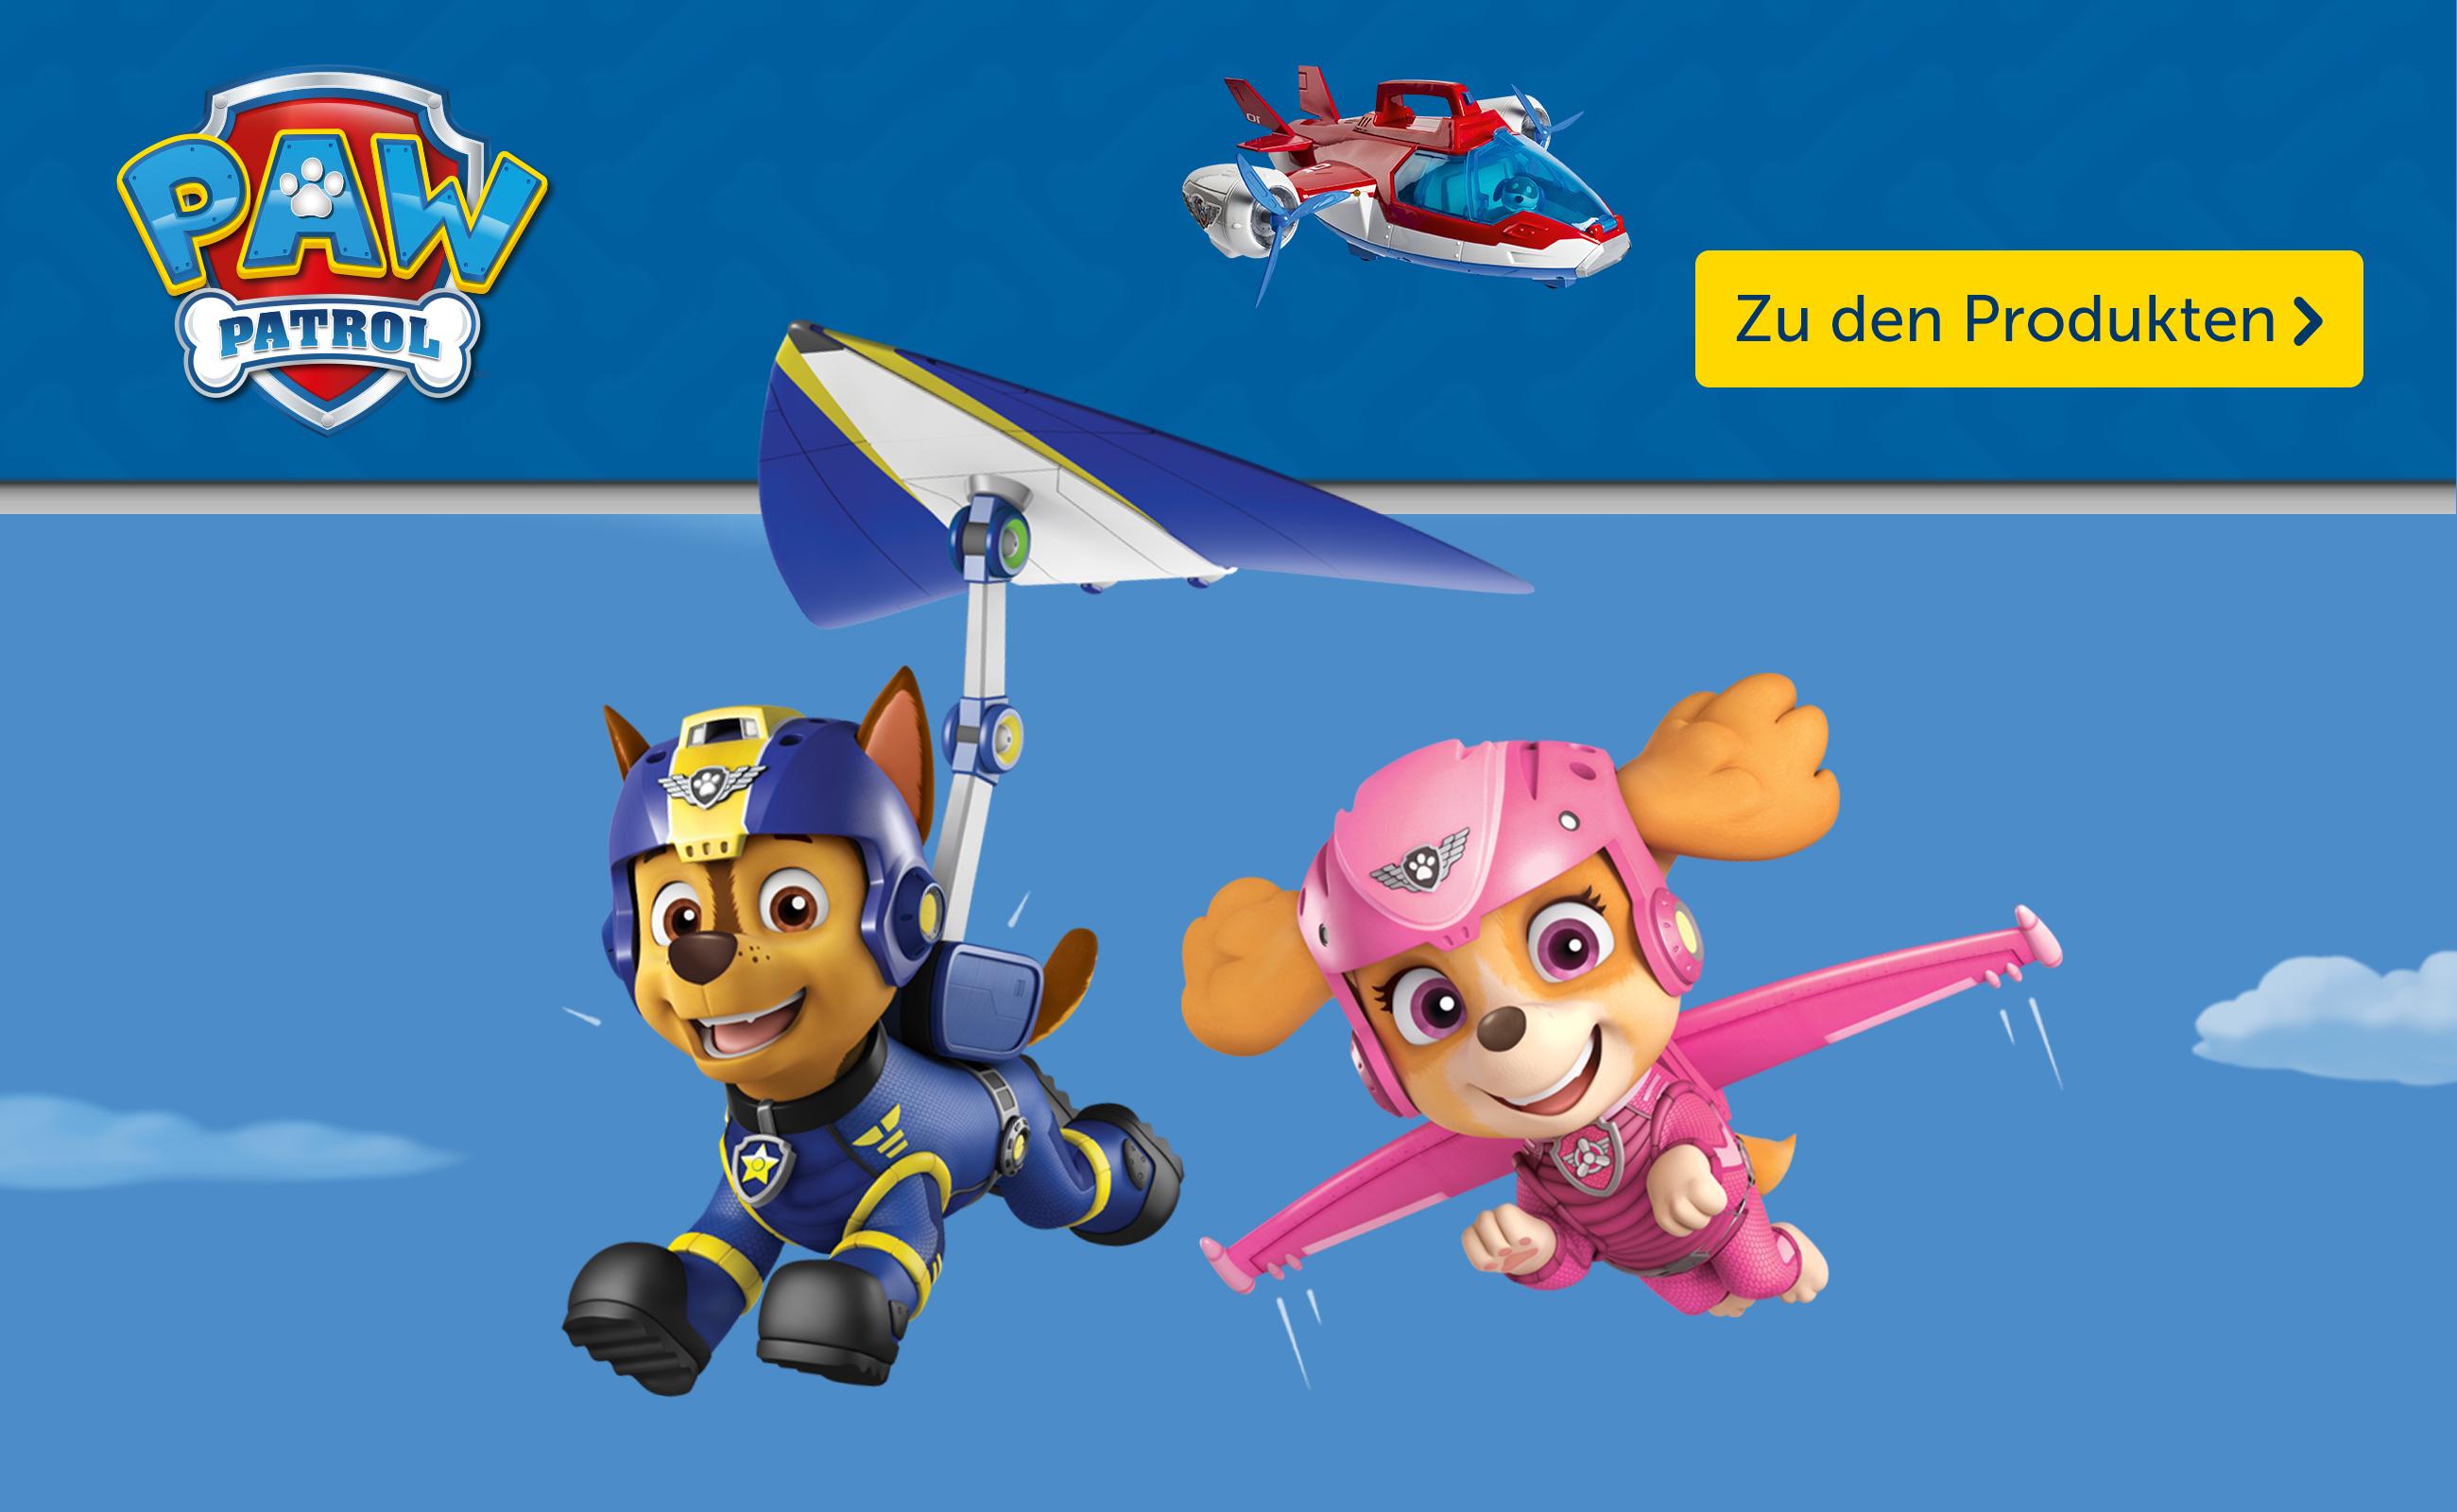 Gewinnspiel Paw Patrol Gewinne 4 Gutscheine Für Die Lufthansa Mytoys